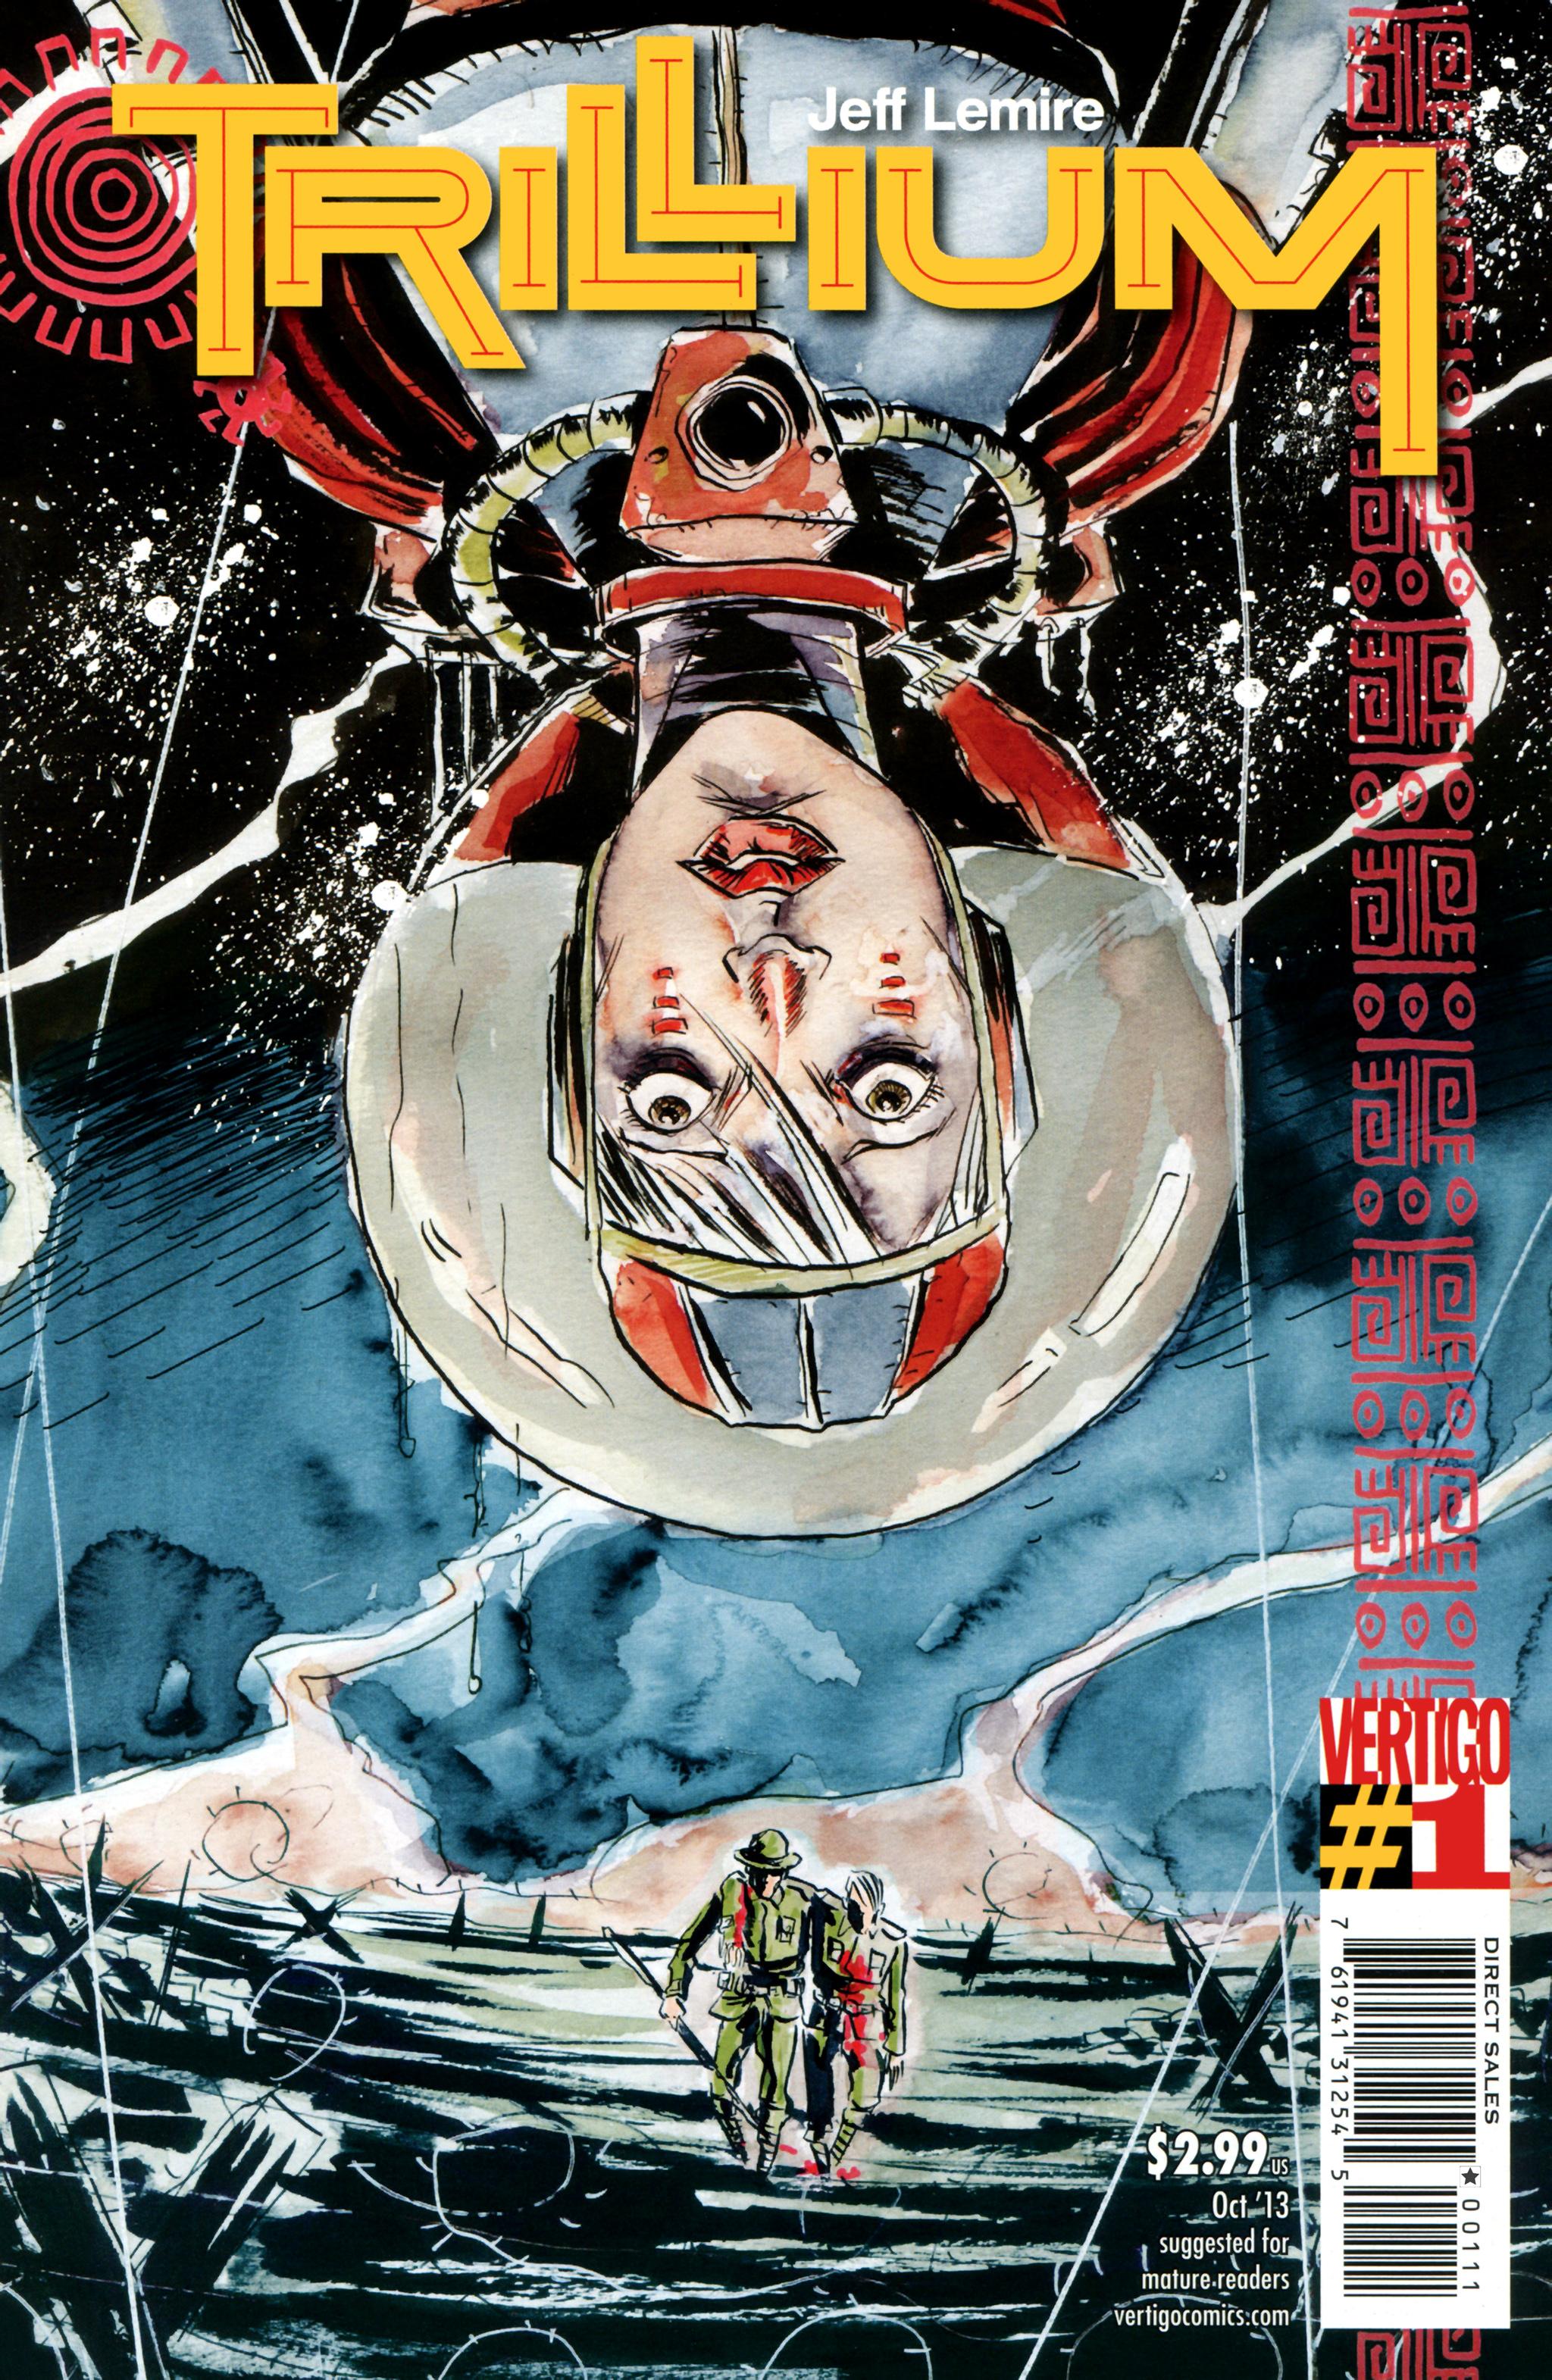 Read online Trillium comic -  Issue #1 - 16